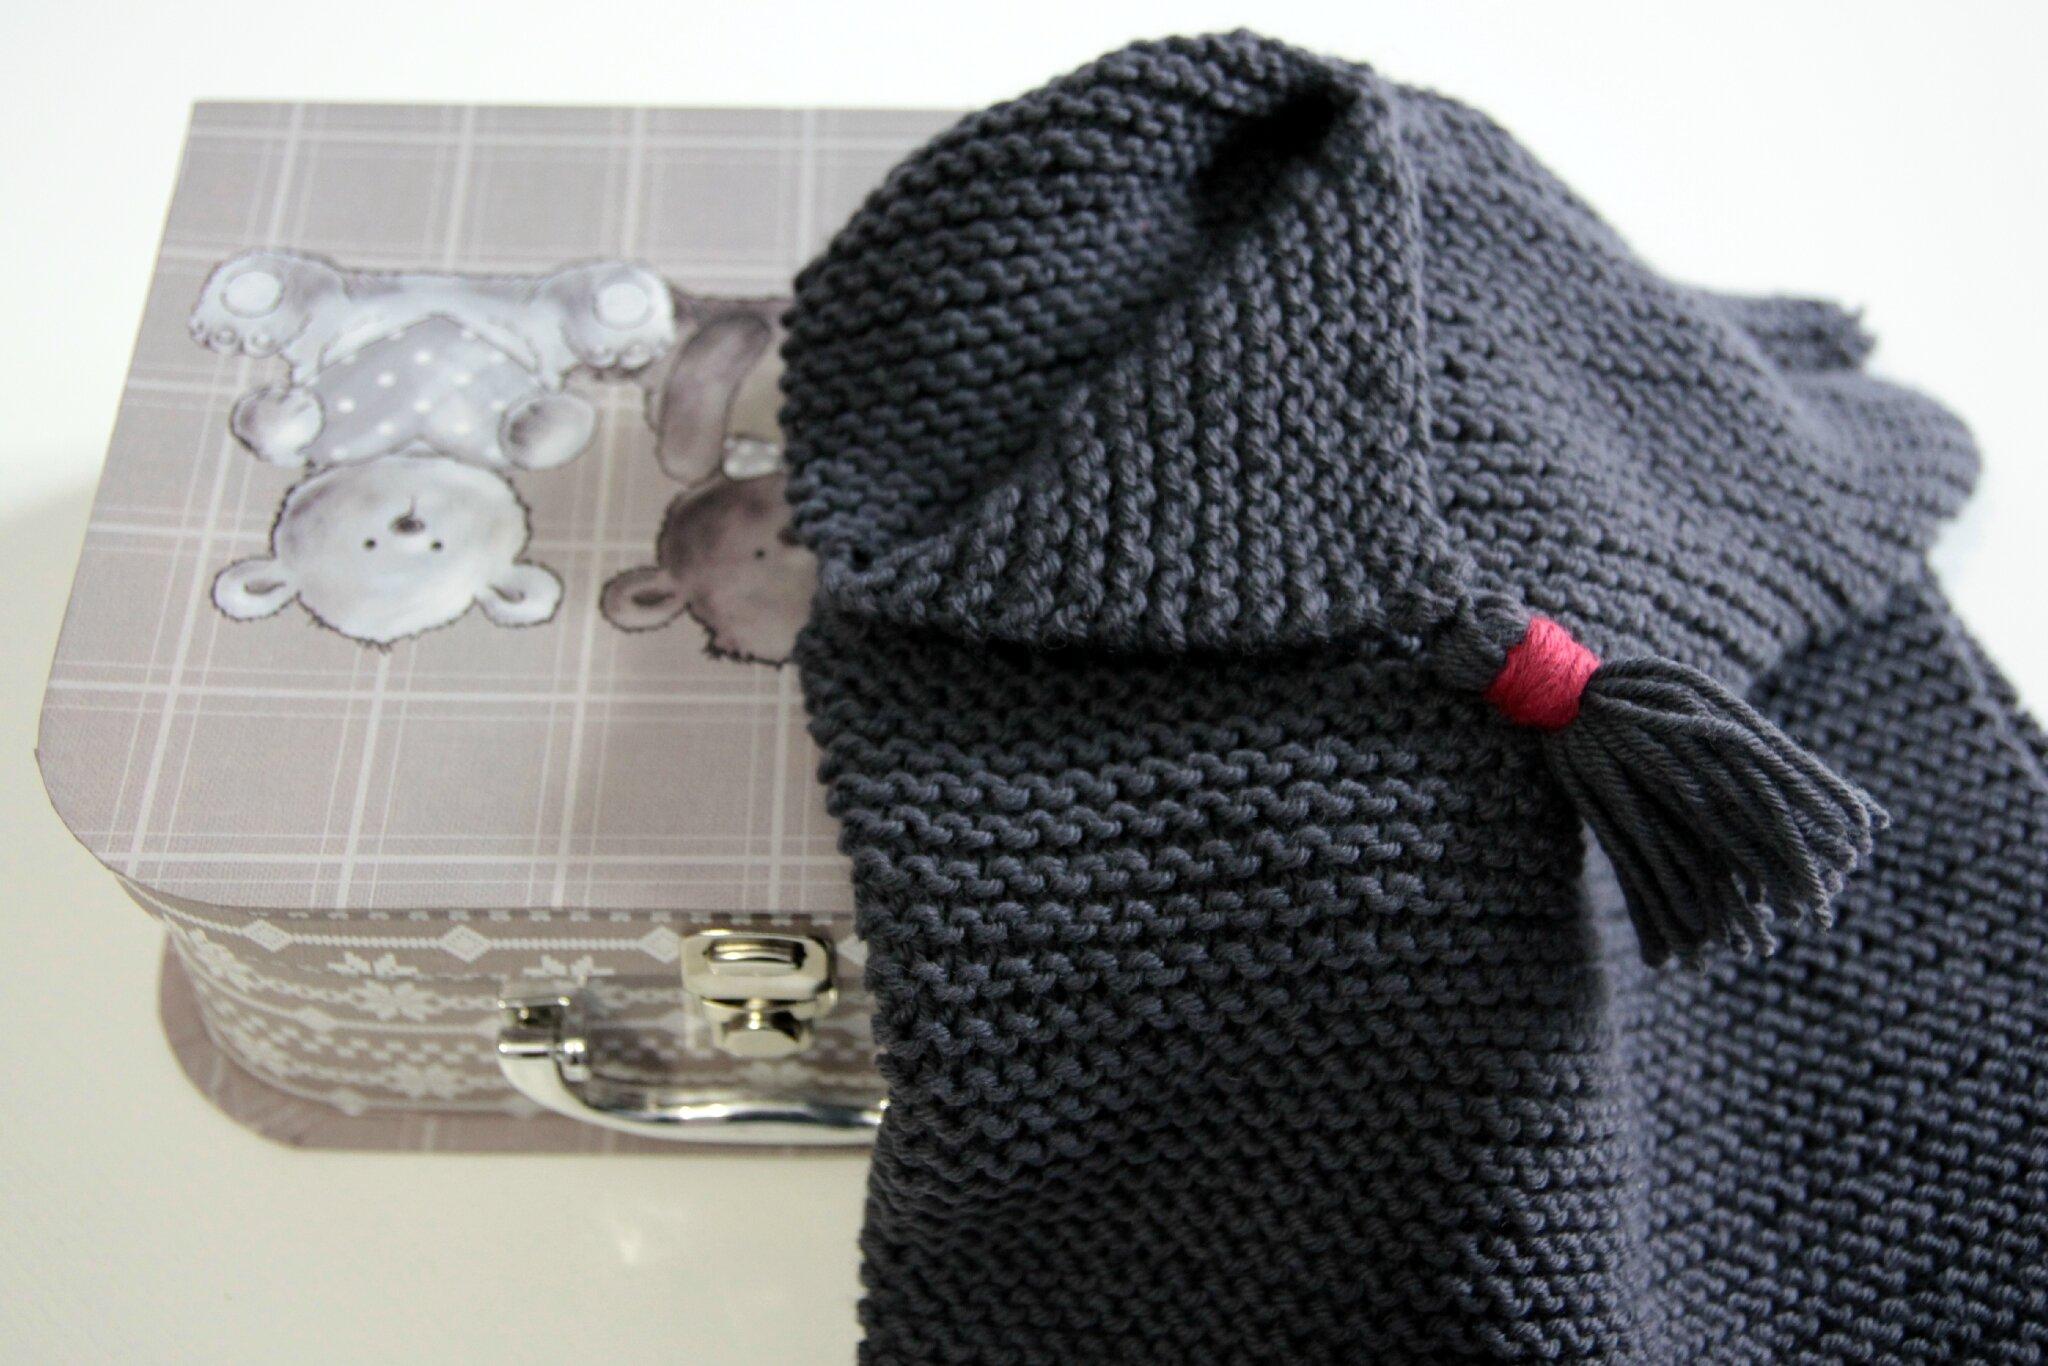 tricoter une couverture. L iDée A CouDRe 62e319ede4e